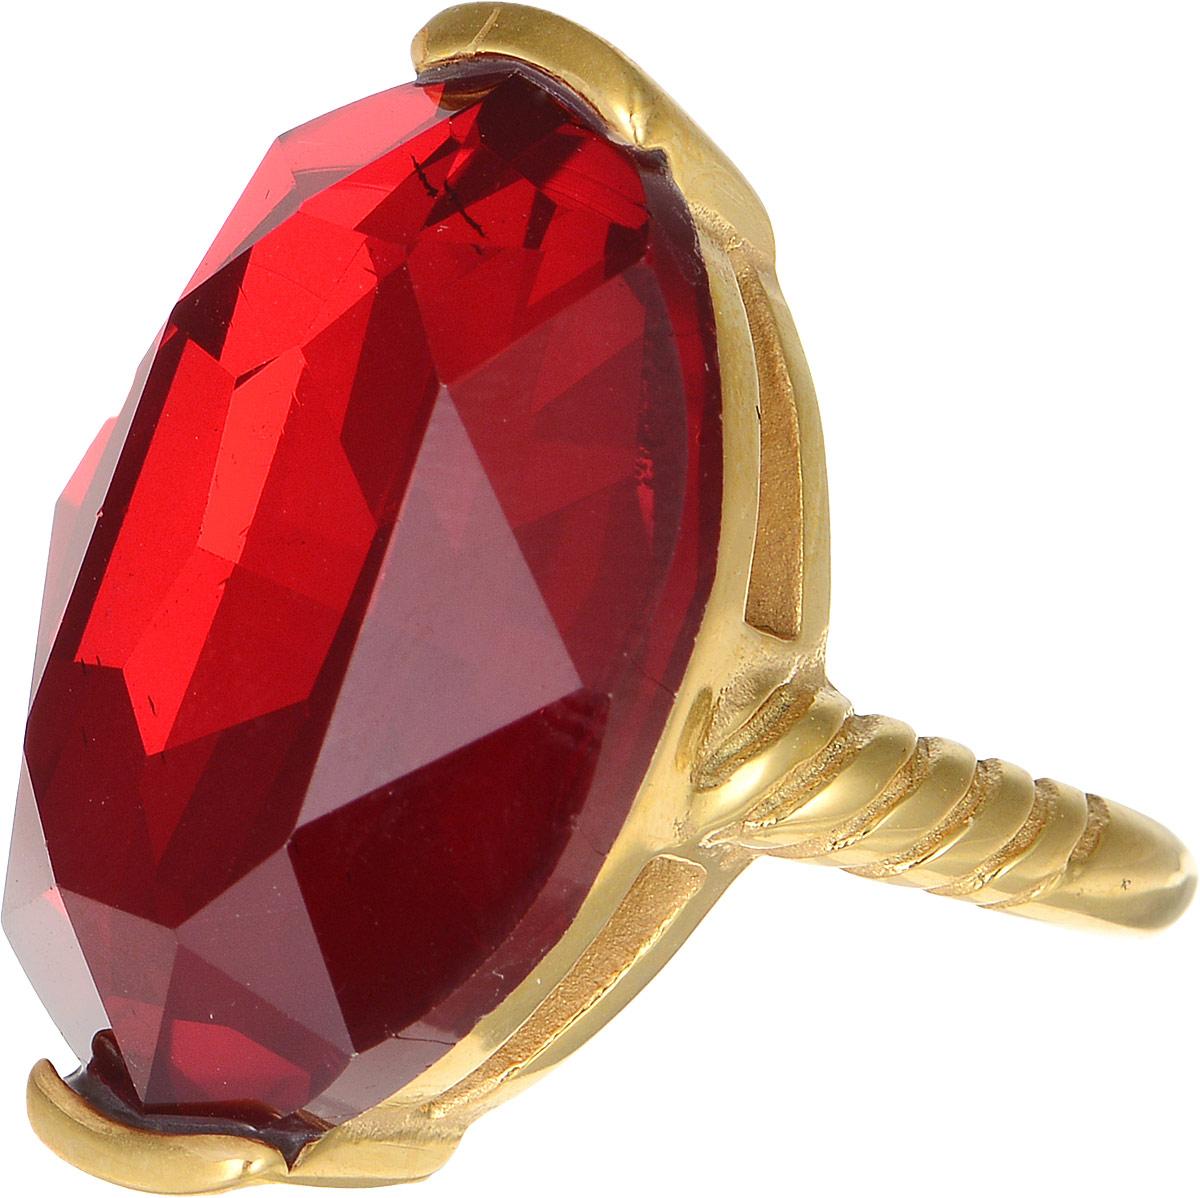 Кольцо Polina Selezneva, цвет: золотистый, красный. DG-0029. Размер 17DG-0029-07Оригинальное кольцо Polina Selezneva выполнено из металлического сплава. Оформлено изделие вставкой из хрустального стекла. Такое кольцо это блестящее завершение вашего неповторимого, смелого образа и отличный подарок для ценительницы необычных украшений!